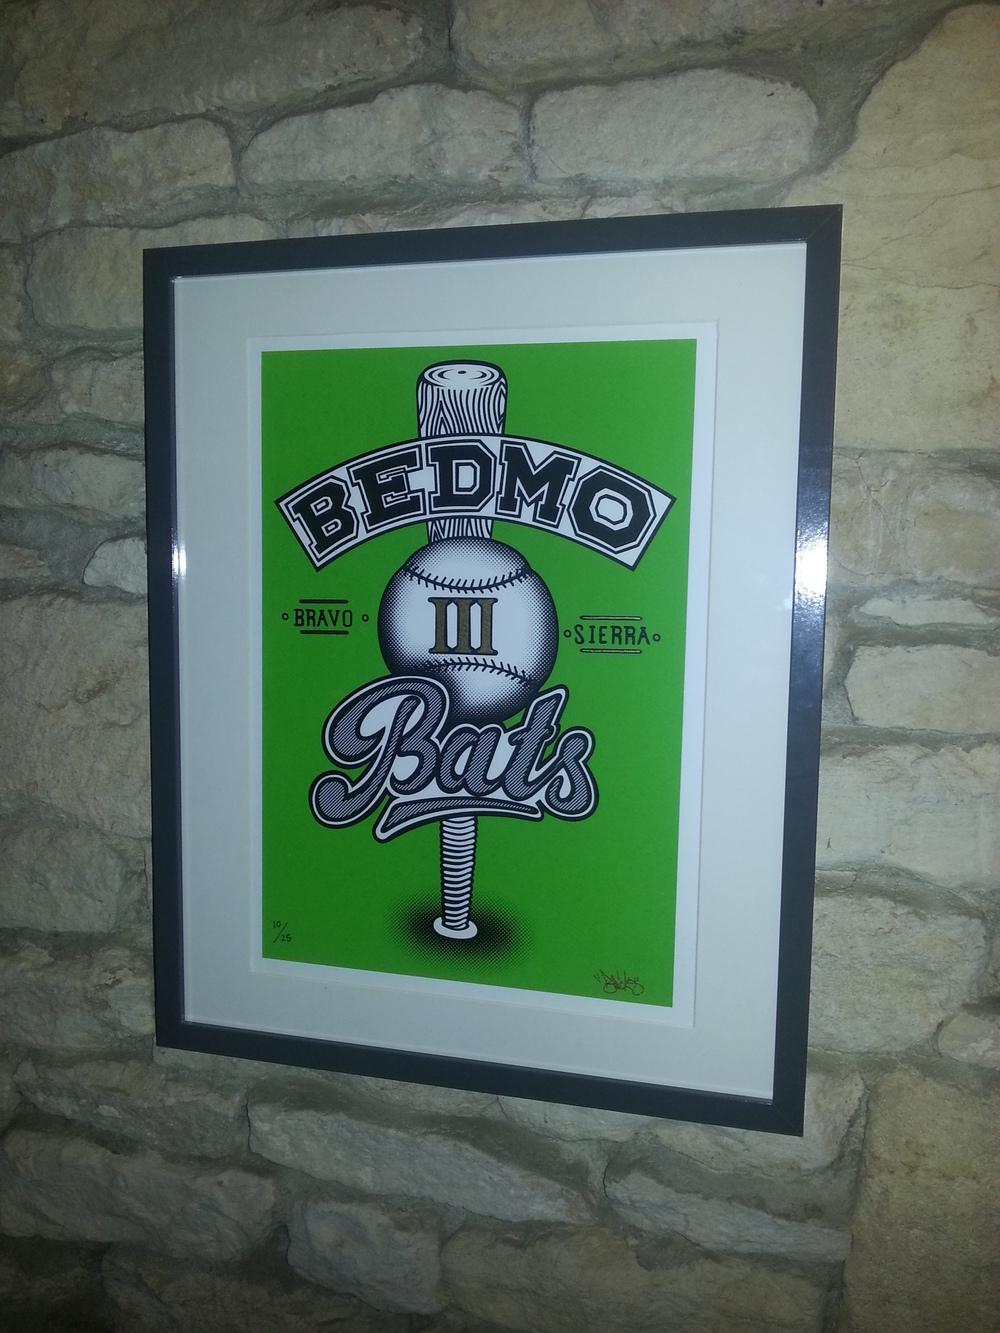 Bedmo Bats Prints (2015)